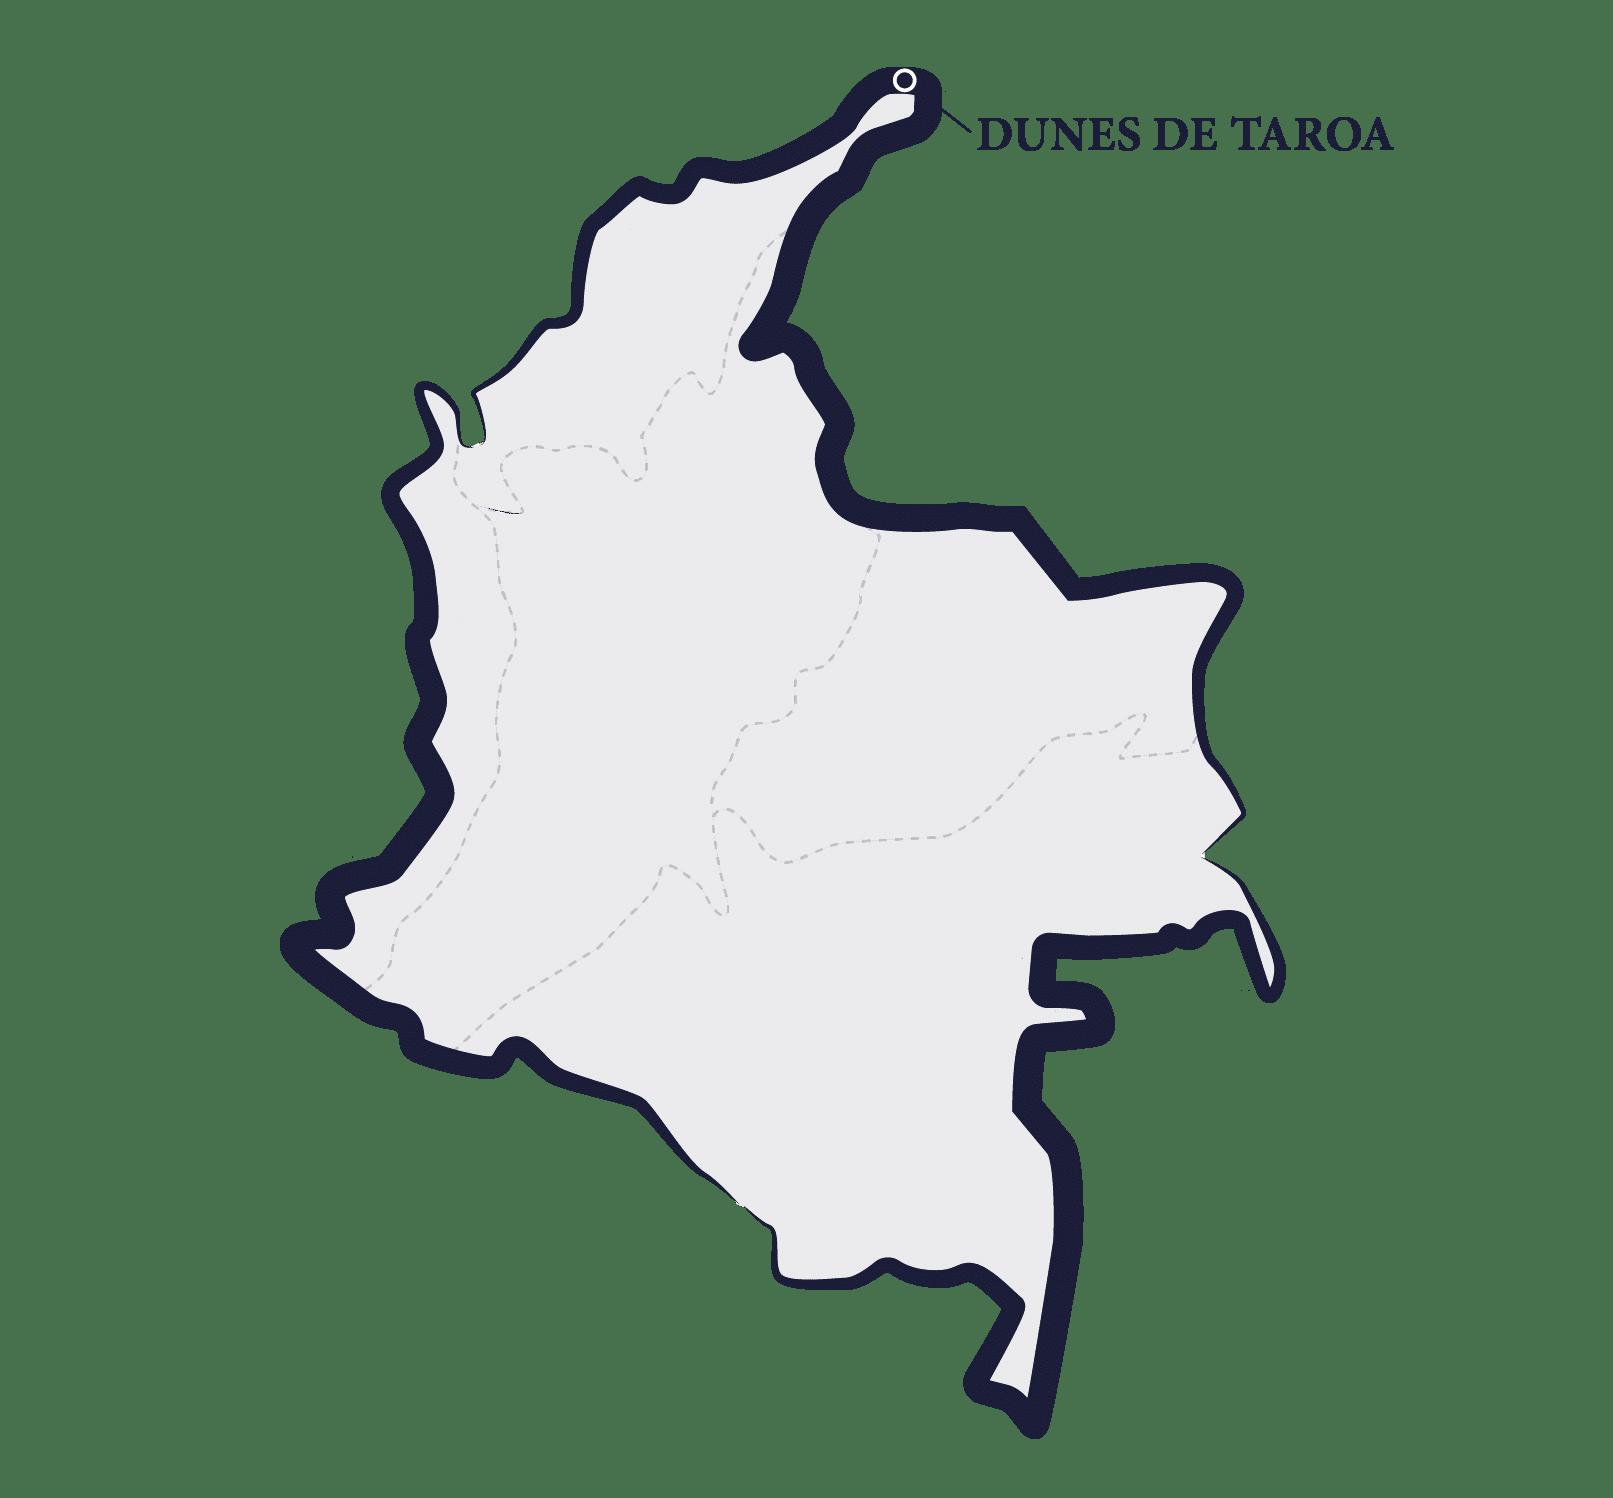 Carte dunes-taroa v2